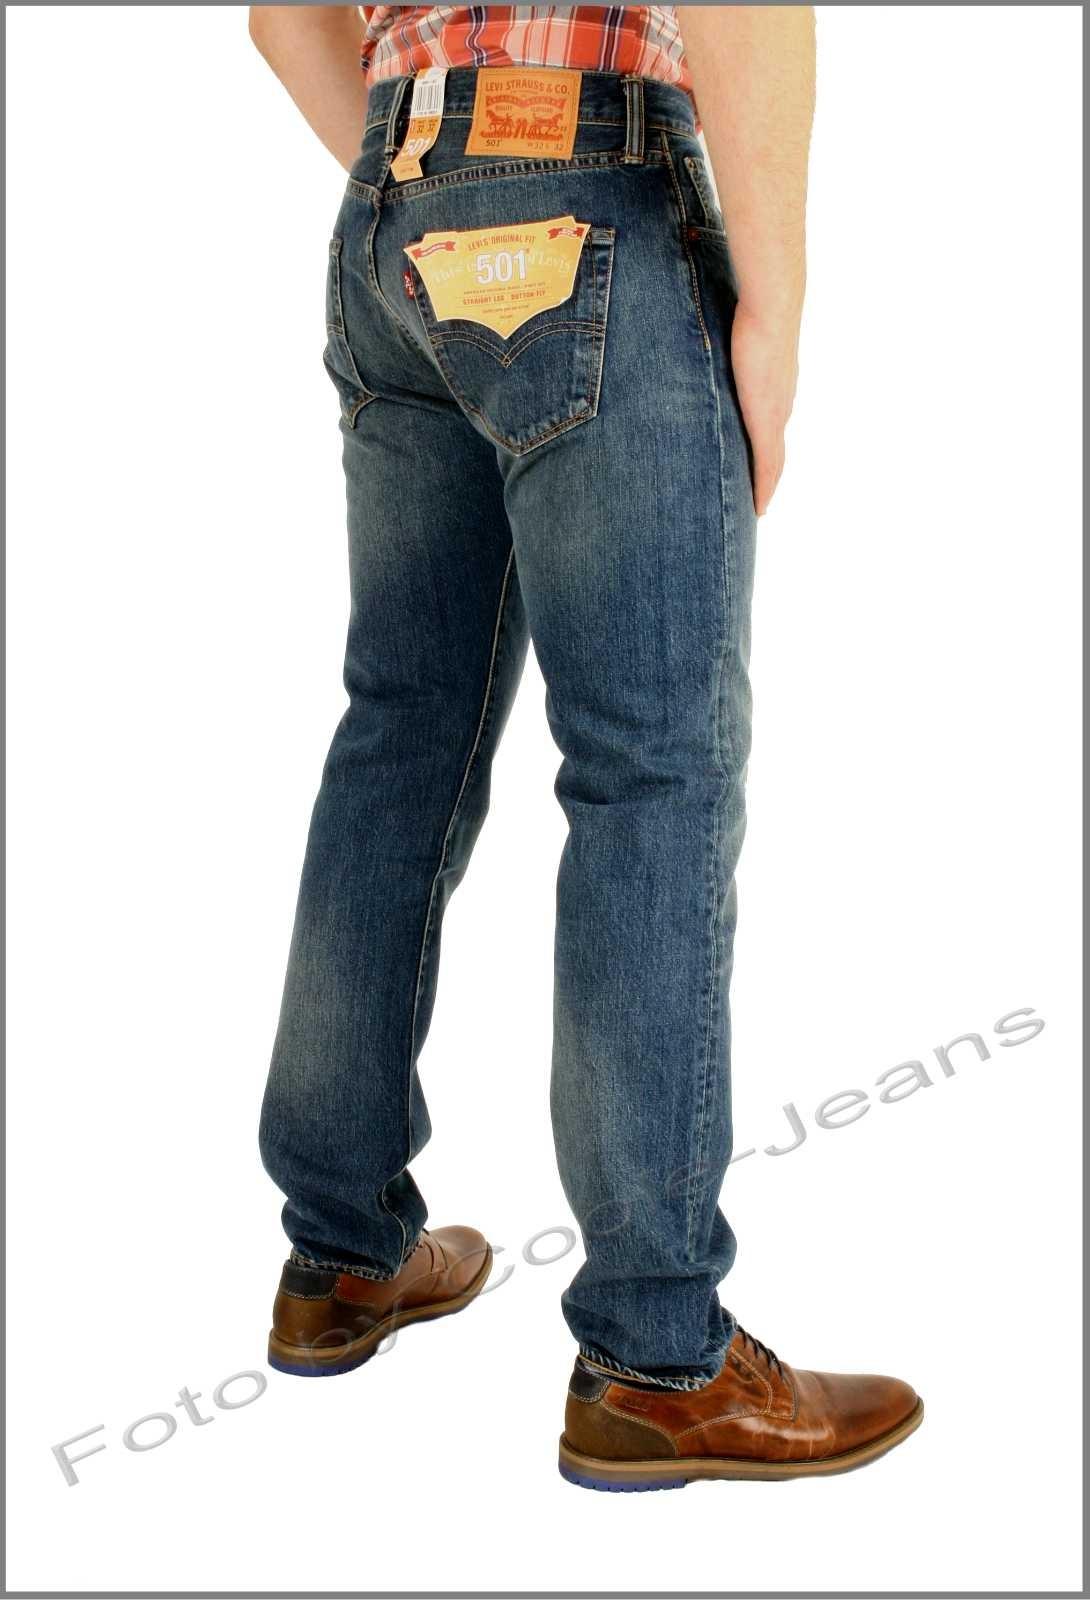 levi 39 s herren jeans 501 hook levi 39 s 00501 1307 86 50. Black Bedroom Furniture Sets. Home Design Ideas